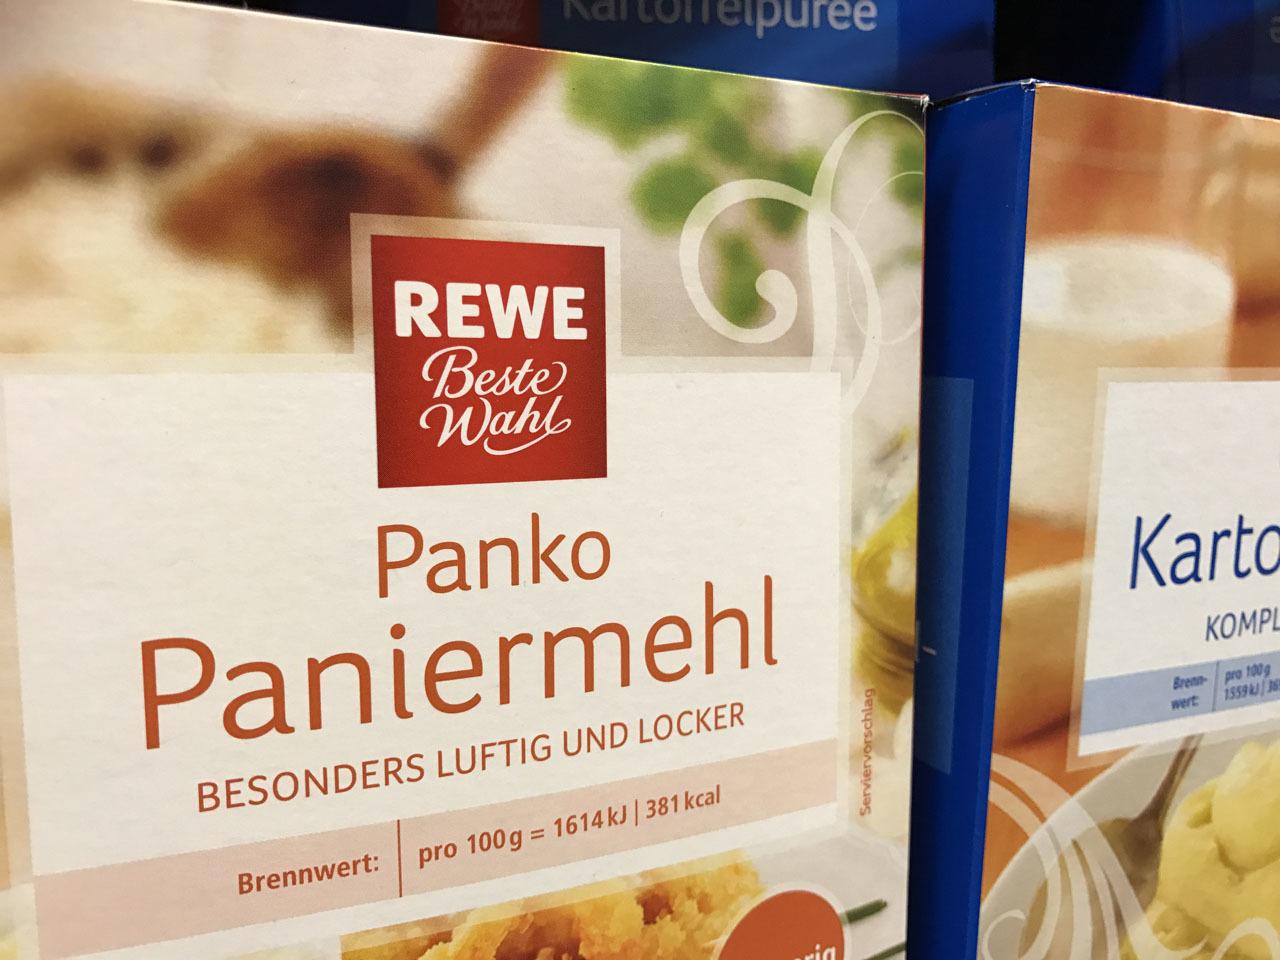 ドイツのスーパーマーケットで見かける日本語_e0175918_04460729.jpg